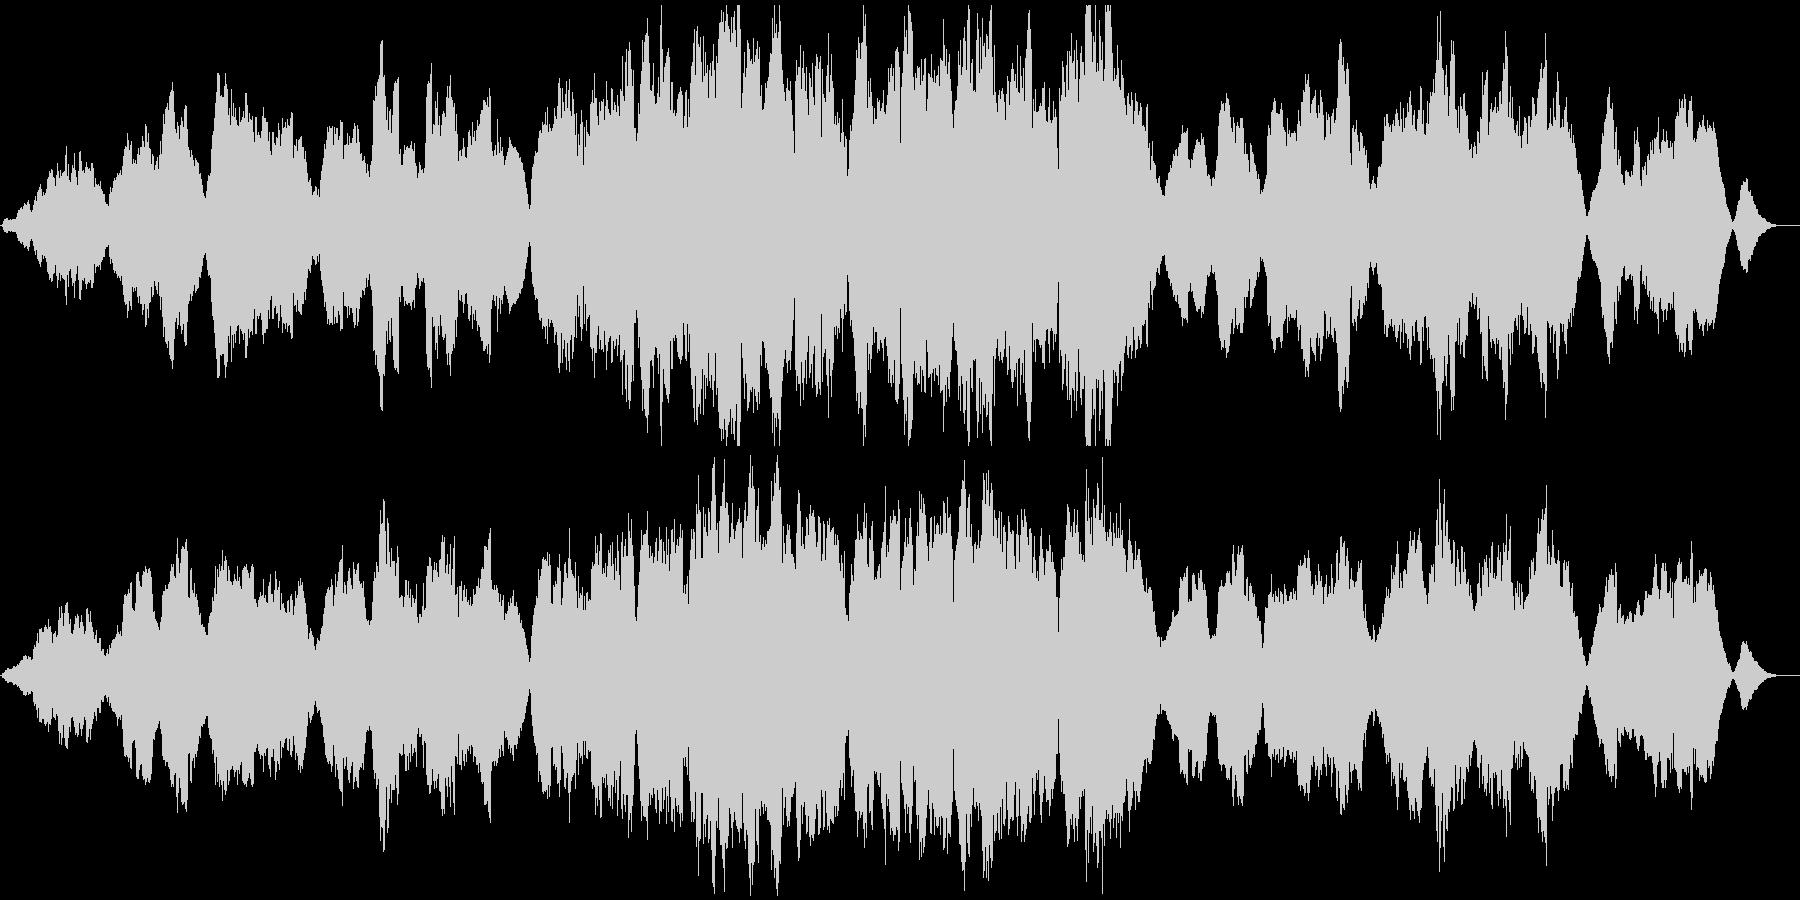 温かく包み込むようなトランペットのBGMの未再生の波形